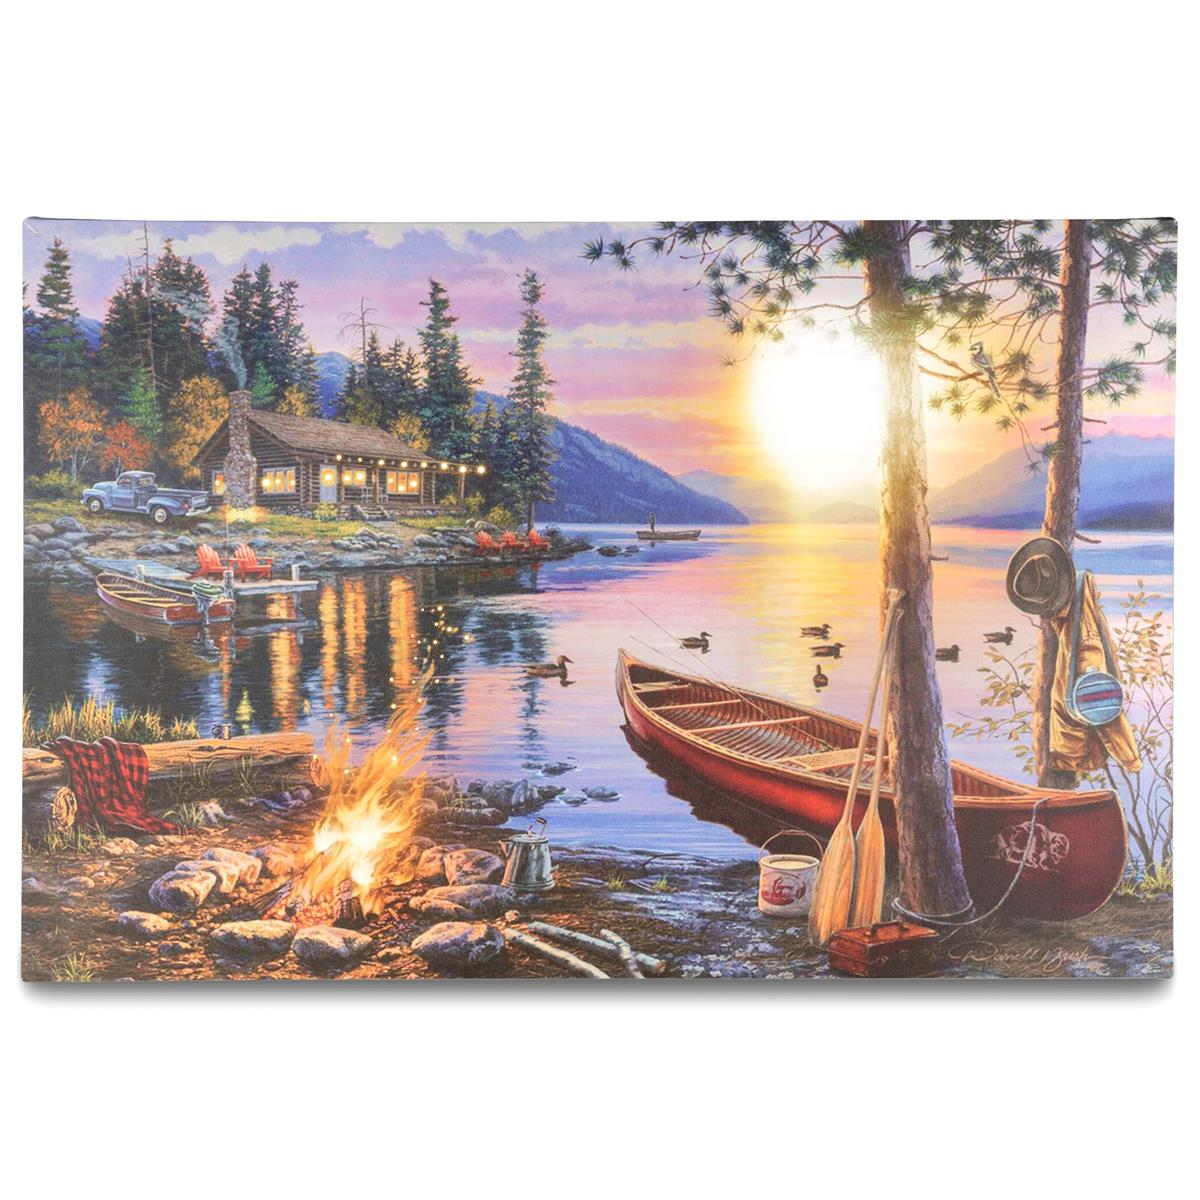 Wandbild 4 LED Kunstdruck mit Beleuchtung Sonnenuntergang Kanada 40x60cm Batterie